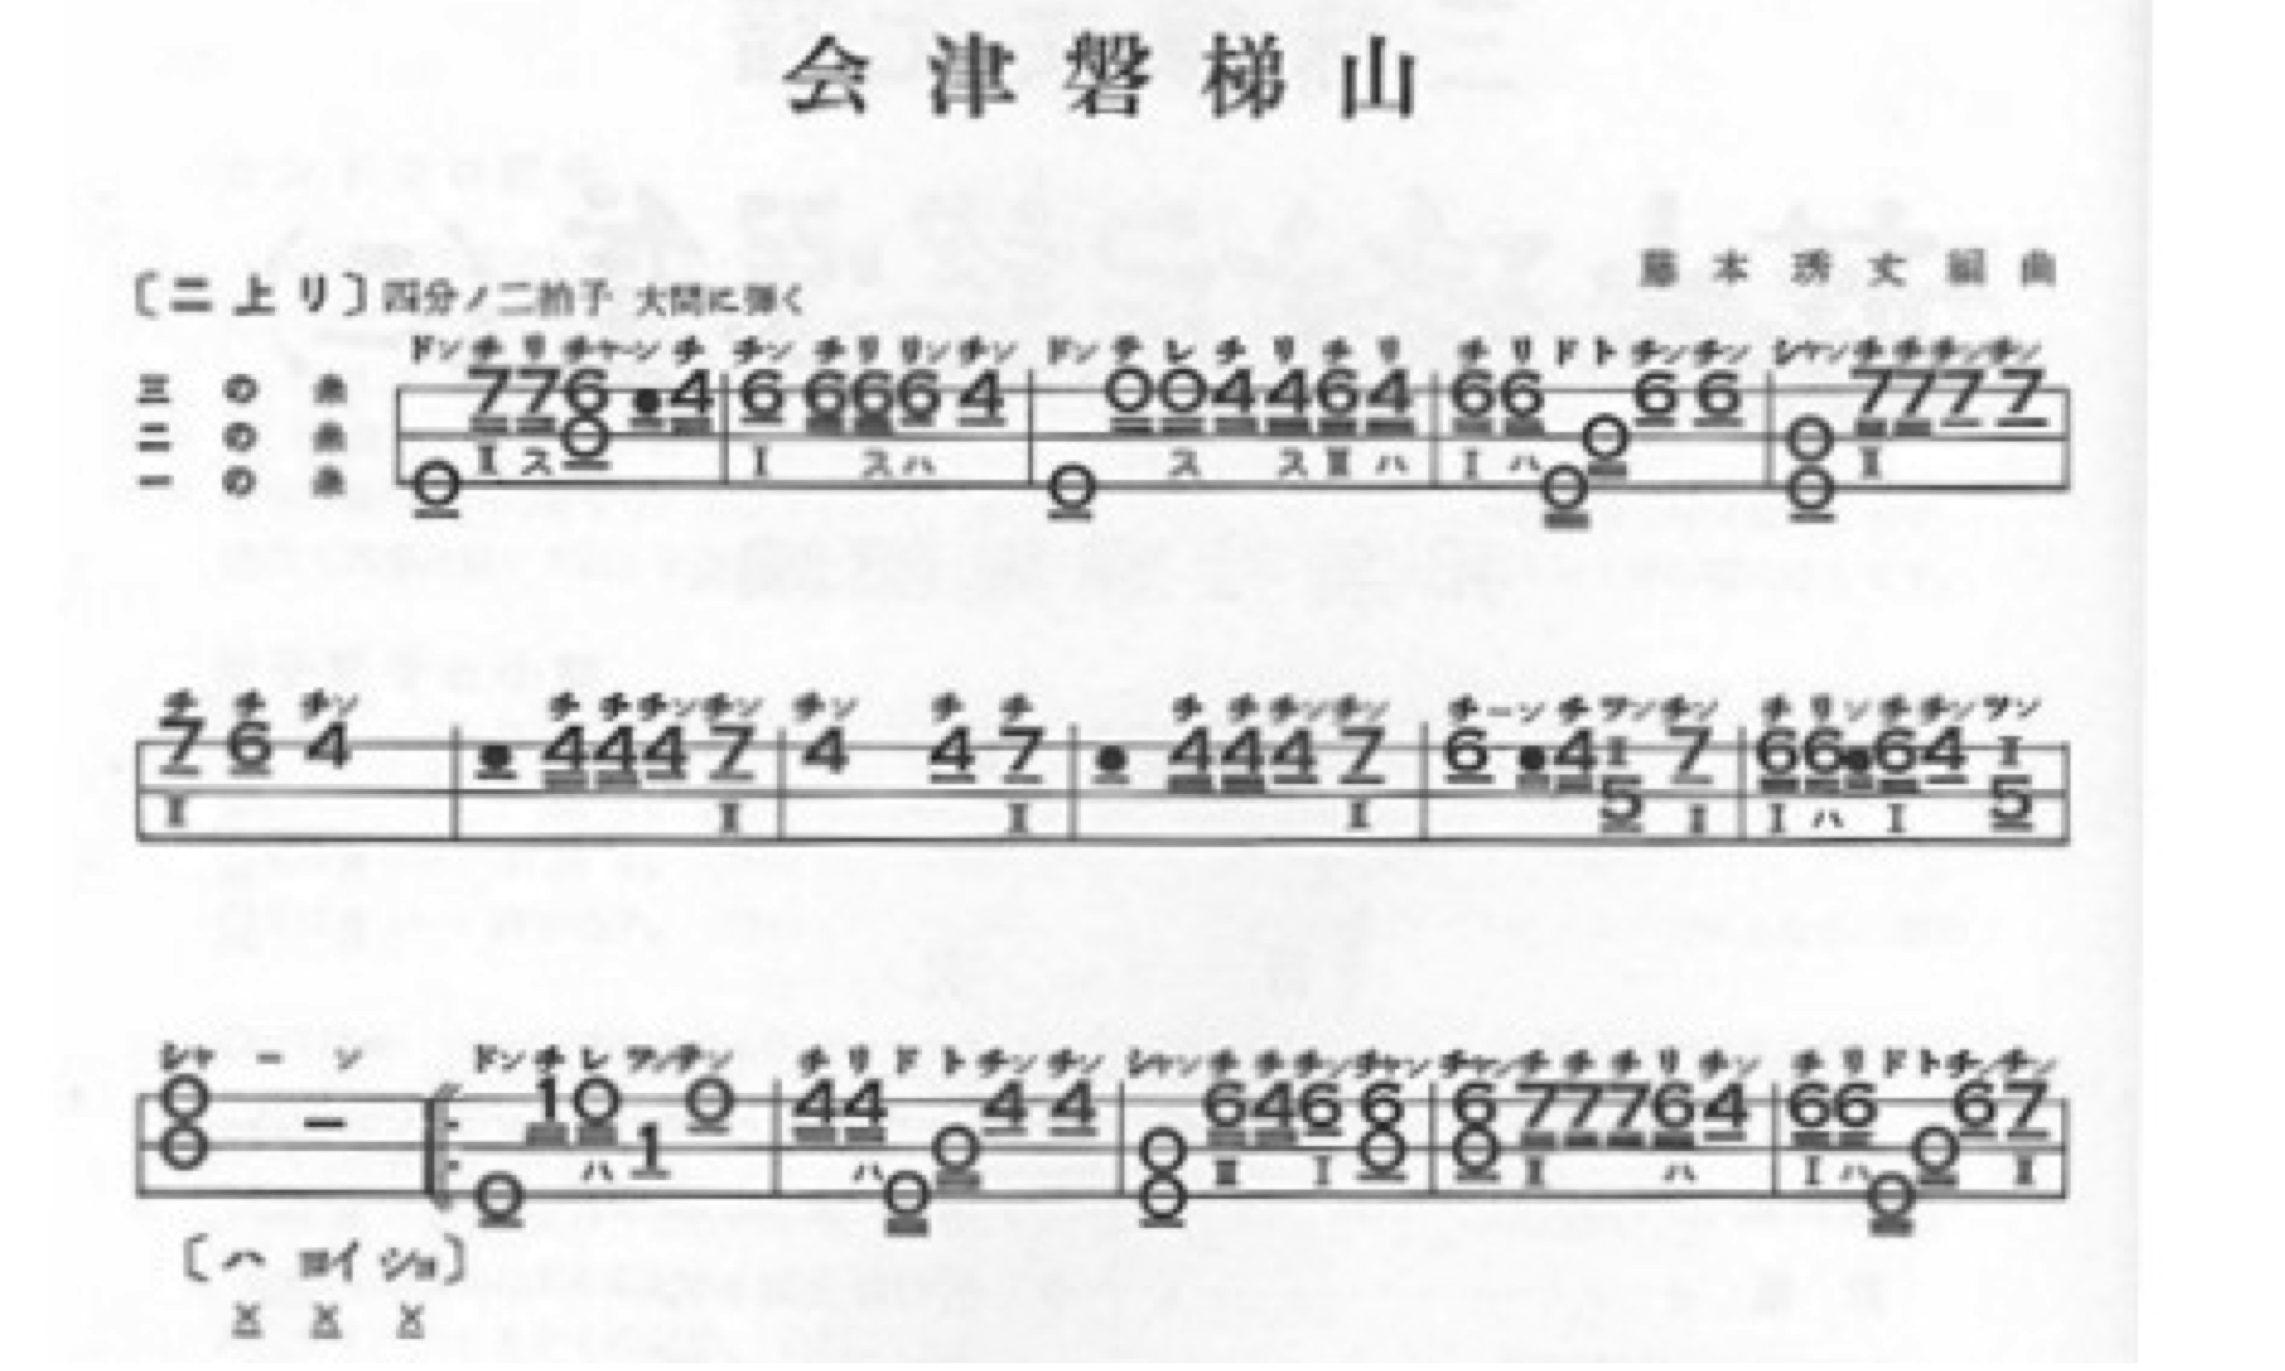 11.福島県民謡「会津磐梯山」の三線譜